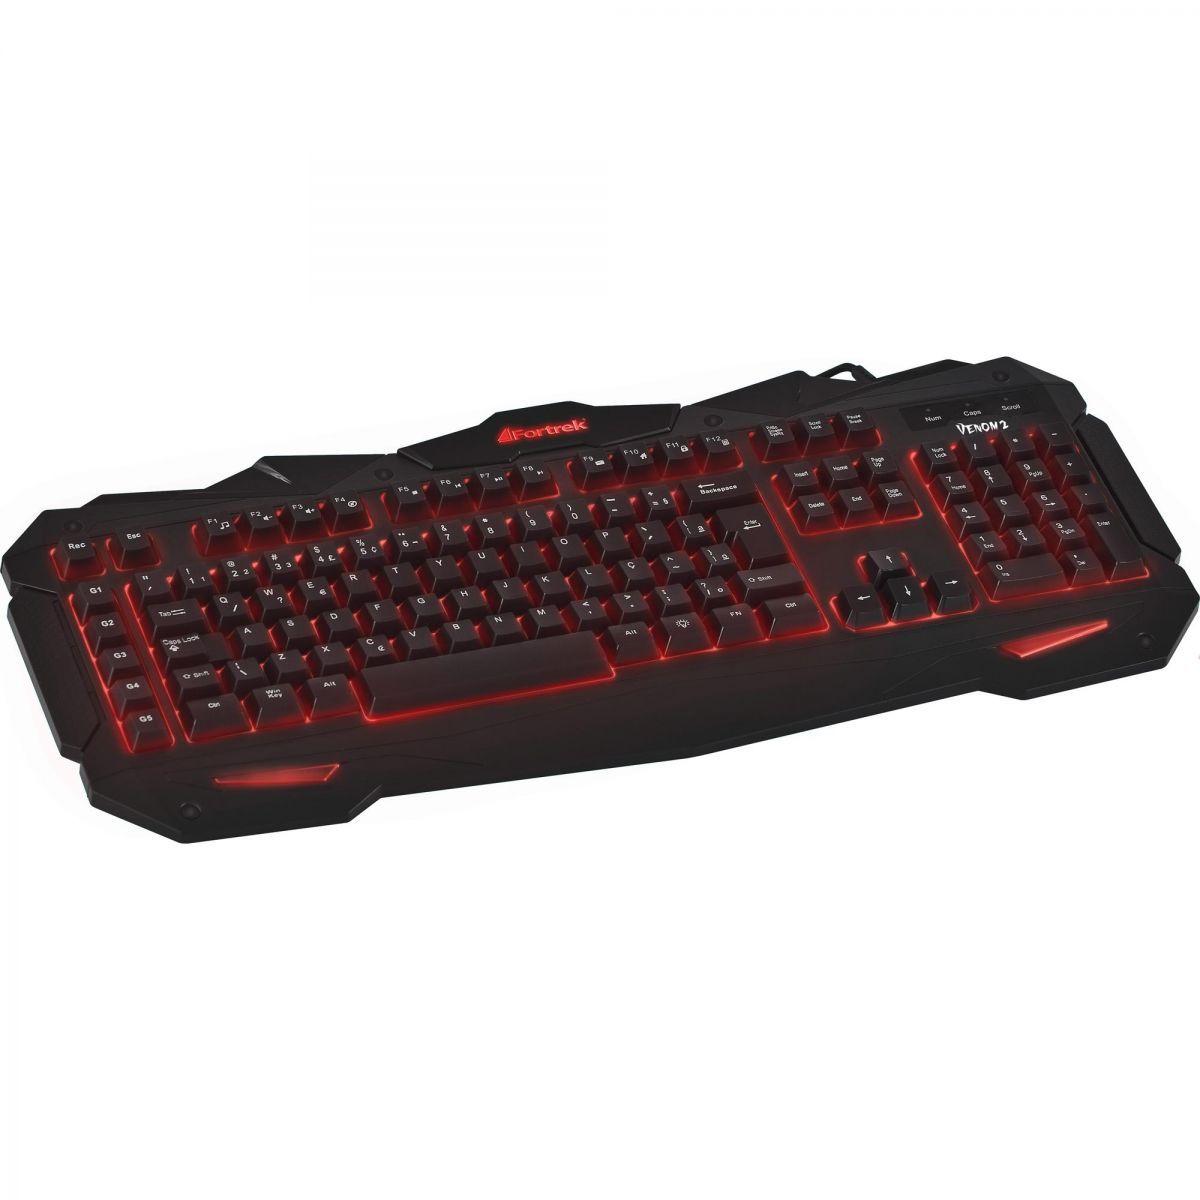 Kit Gamer C/ Teclado Iluminado GK705 + Mouse OM705+ Headset Spider SHS701 Fortrek